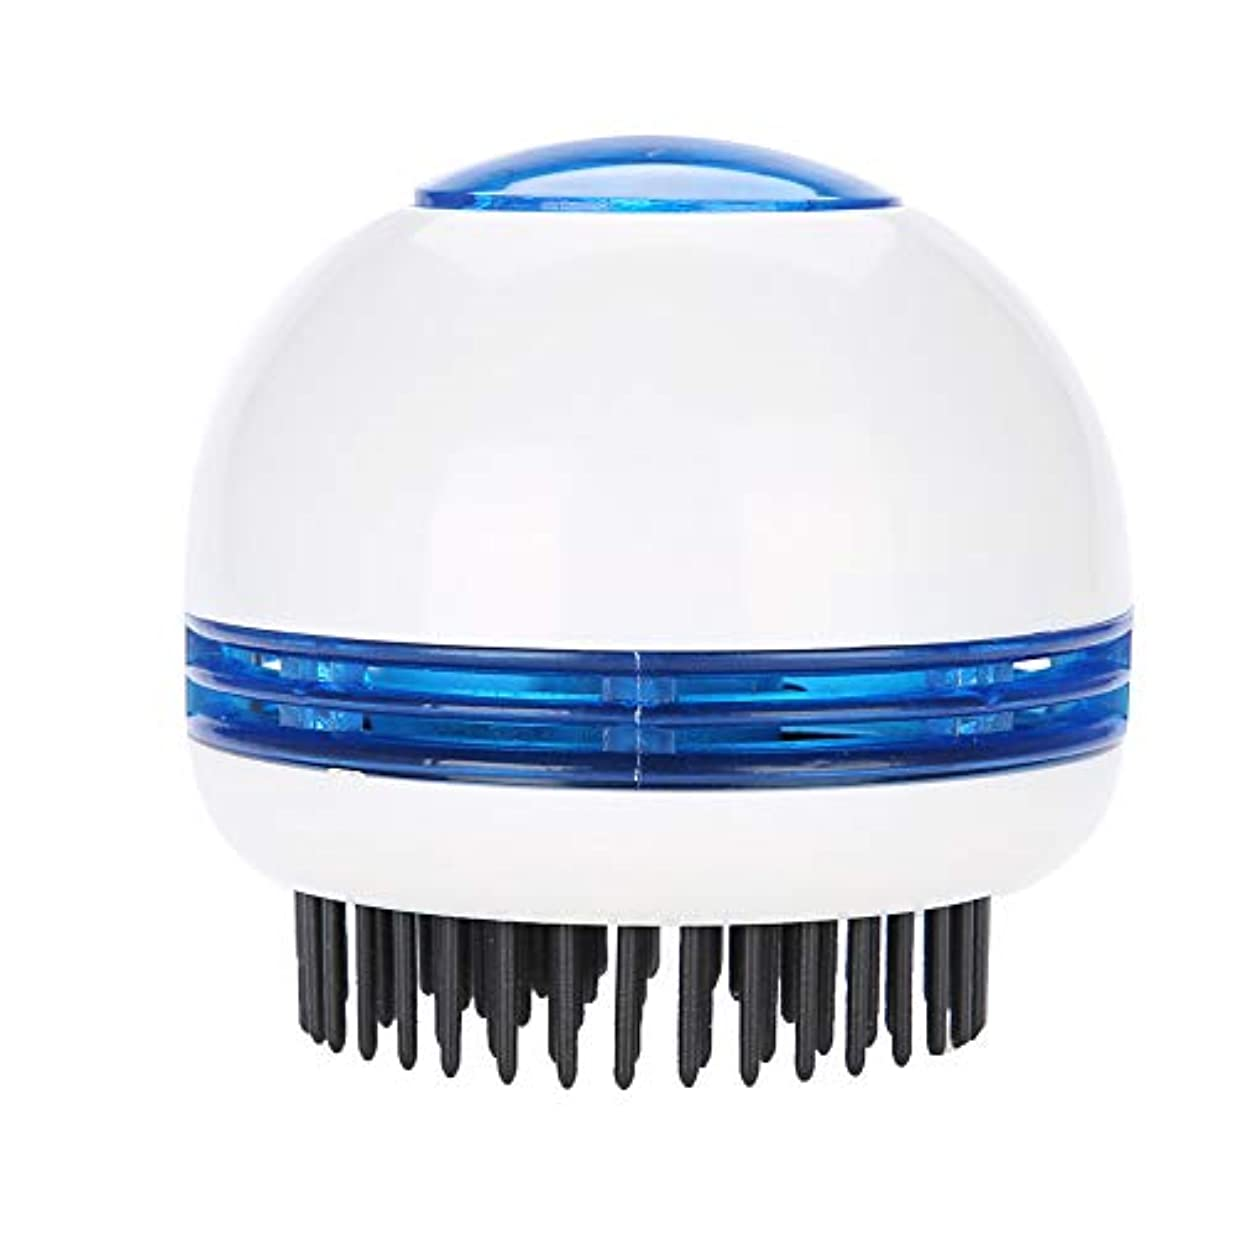 動機入手しますそれに応じてヘッドマッサージャー、電気式 頭皮マッサージ シャンプーブラシ防水 静電防止櫛毛髪の成長